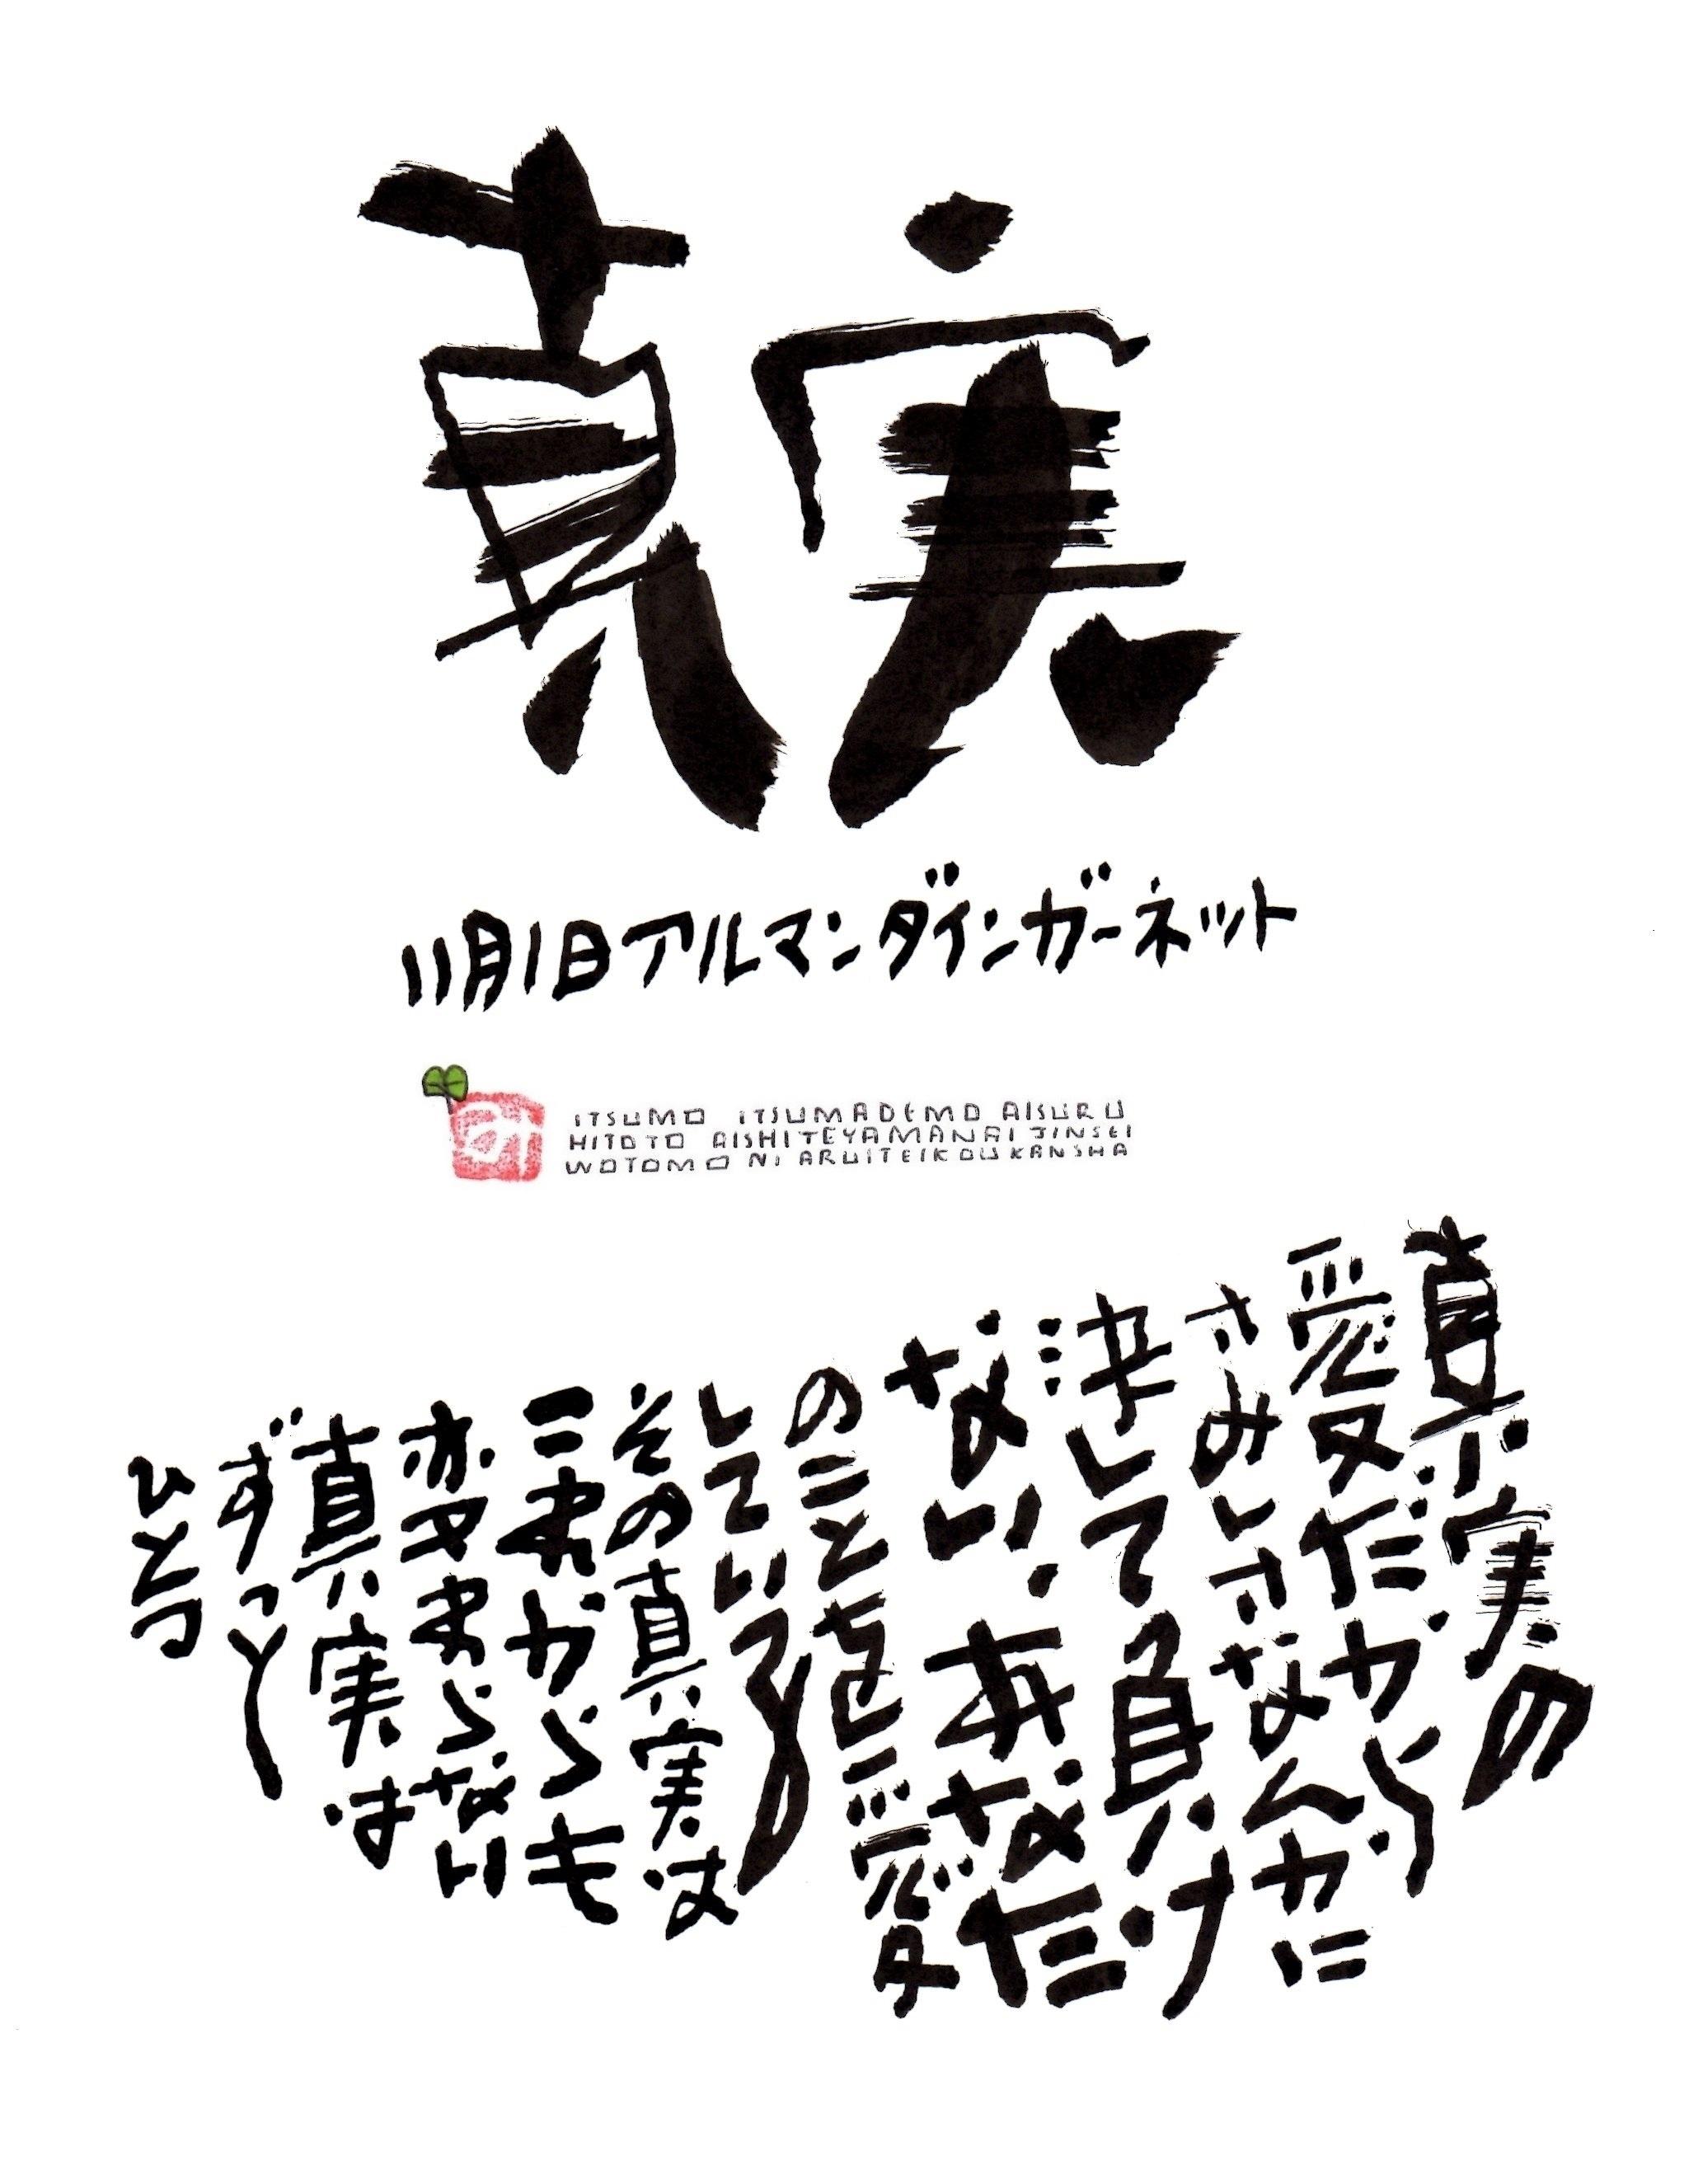 11月1日 結婚記念日ポストカード【真実】